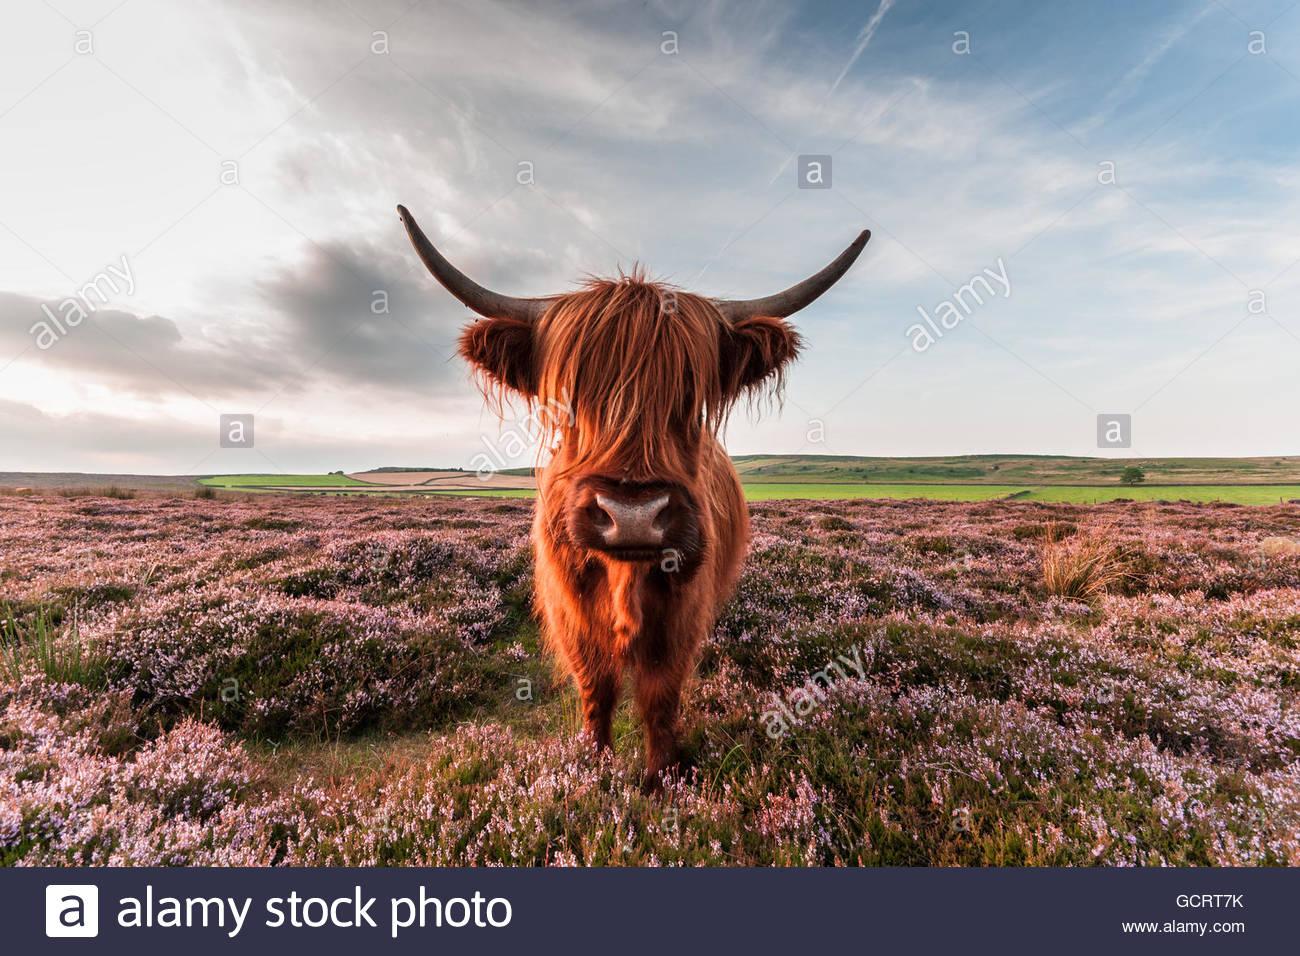 Vache Highland Buxton - Cherchez-vous à moi Photo Stock